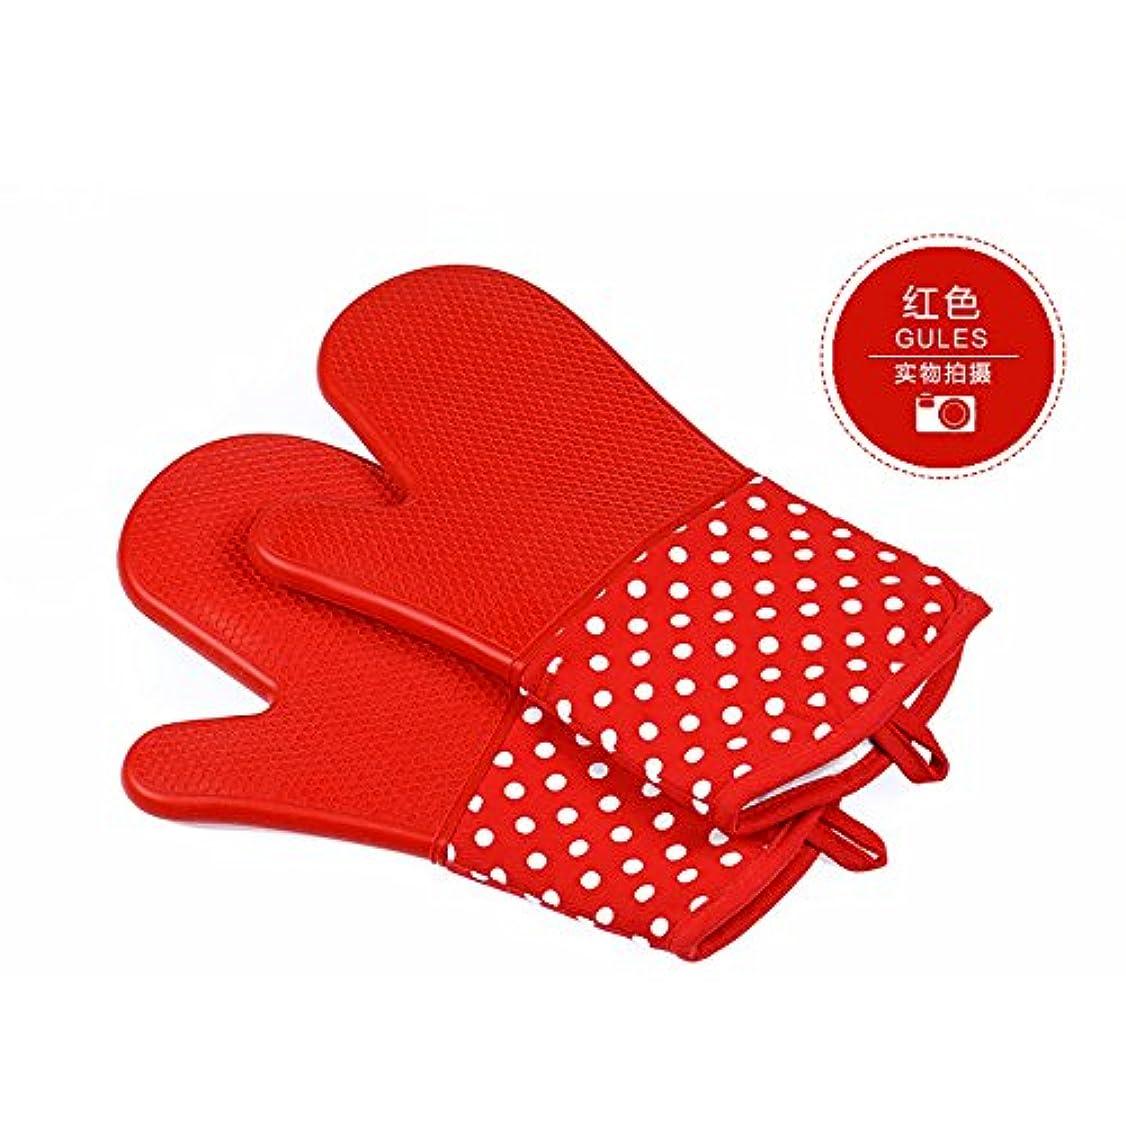 まどろみのある船ダウンJOOP【2個セット】【シリコンベーキング手袋】【バーベキュー手袋】【キッチン電子レンジの手袋】【オーブン断熱手袋】【300の加熱温度極値】【7色】 (レッド)